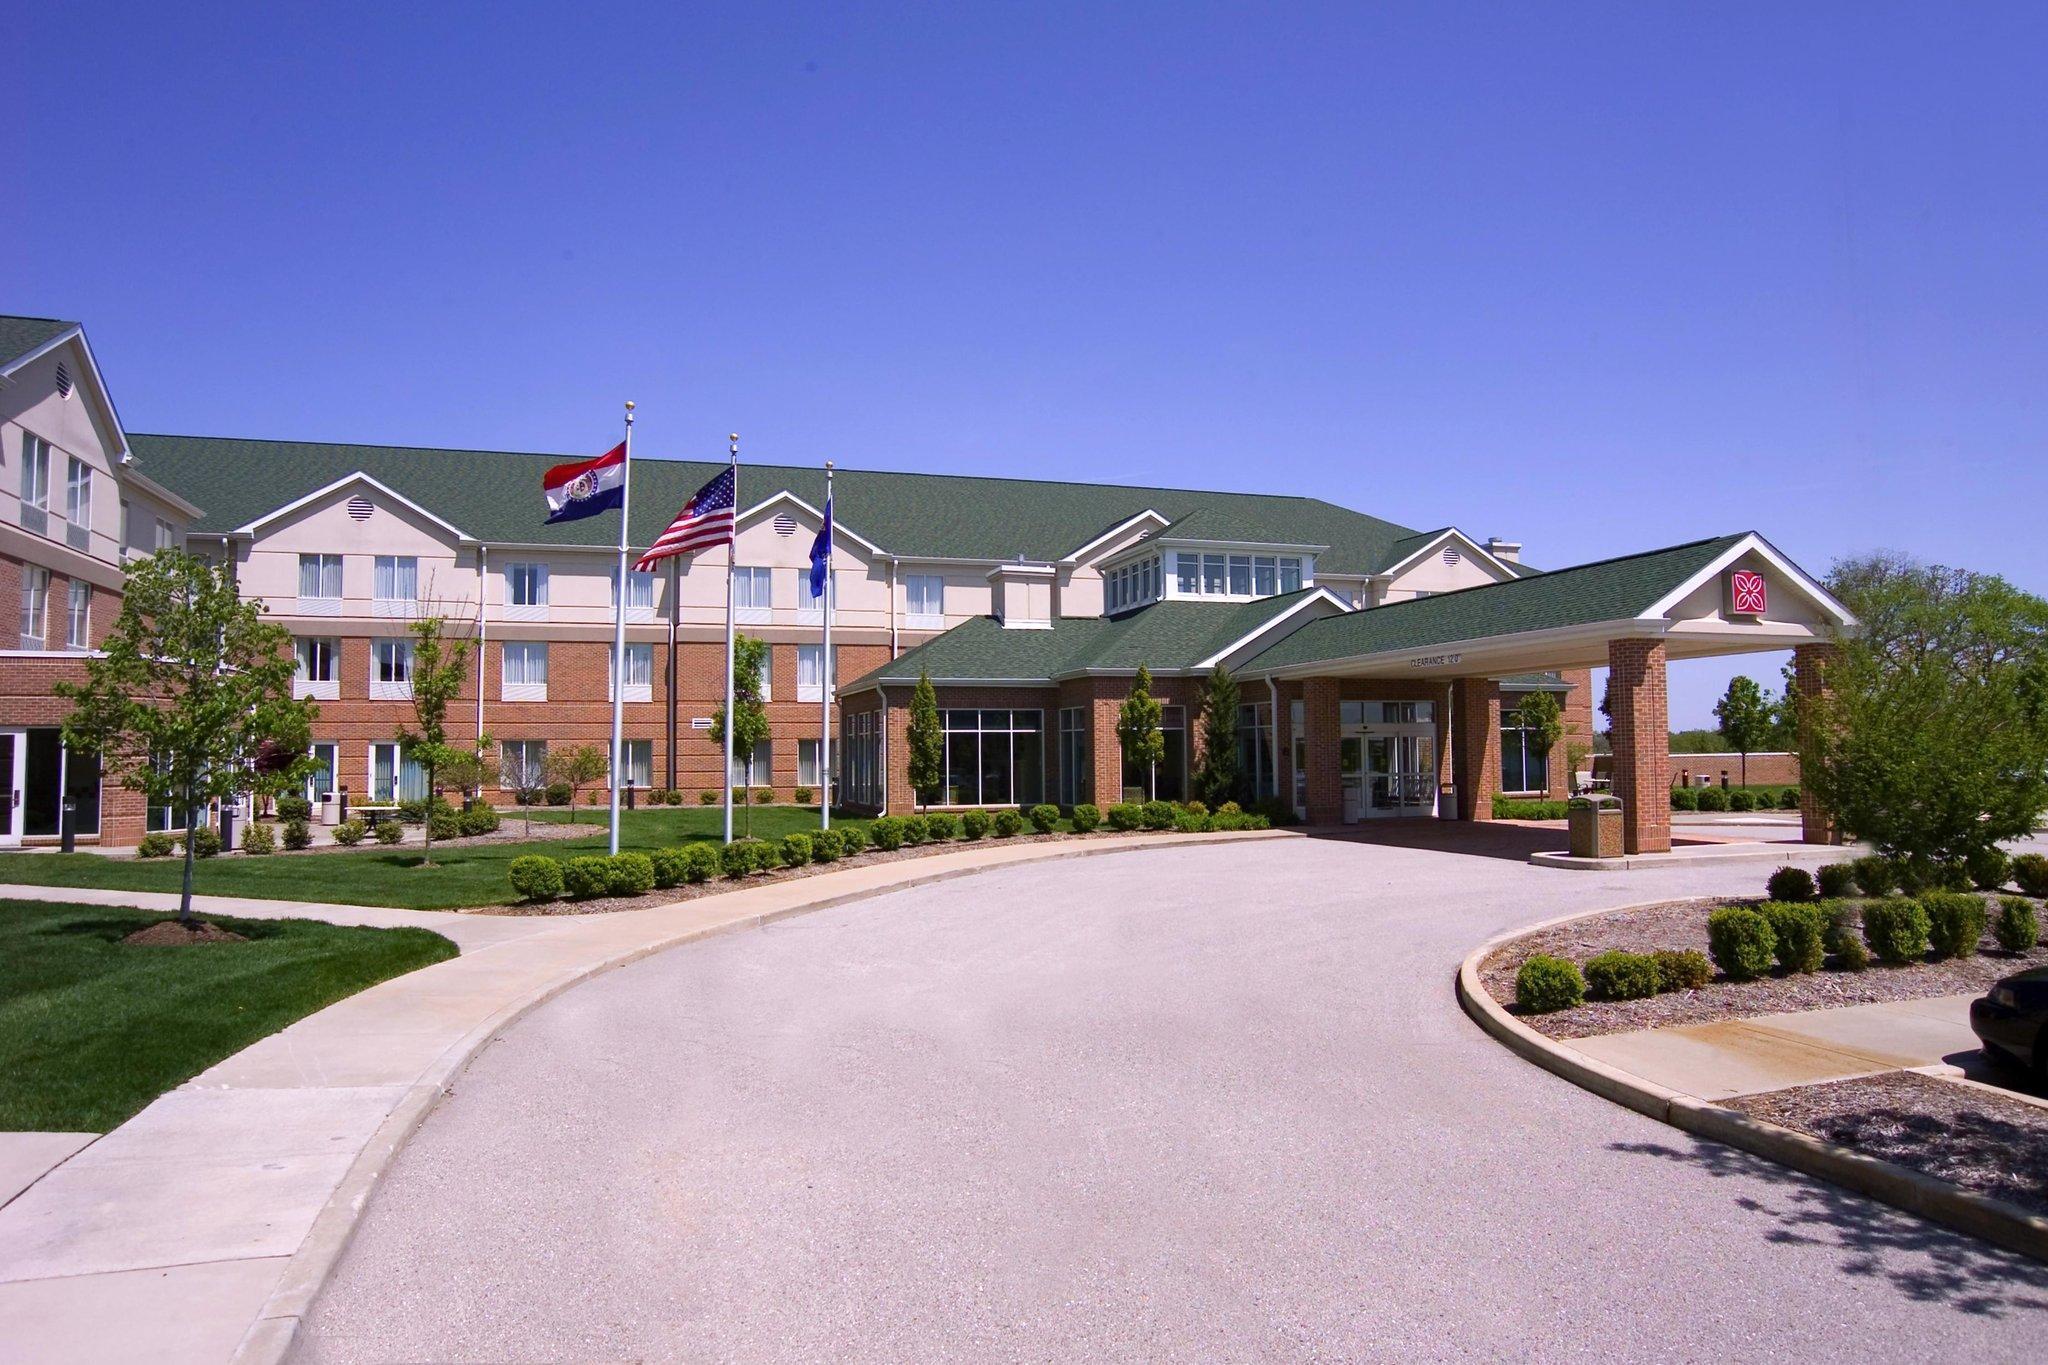 Hilton Garden Inn St. Louis O'Fallon